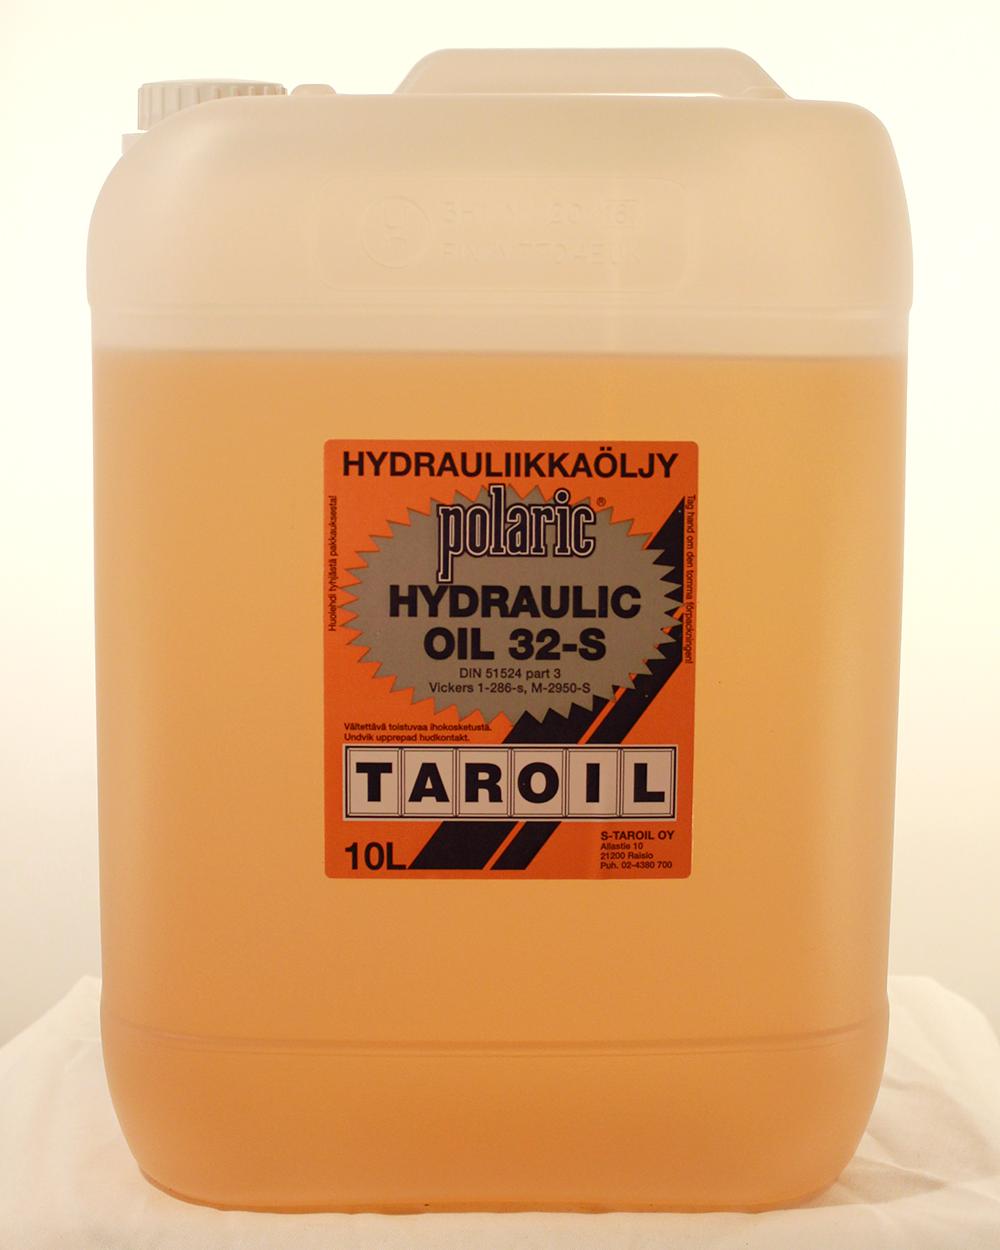 Hydraulic Oil 32-S 10 L